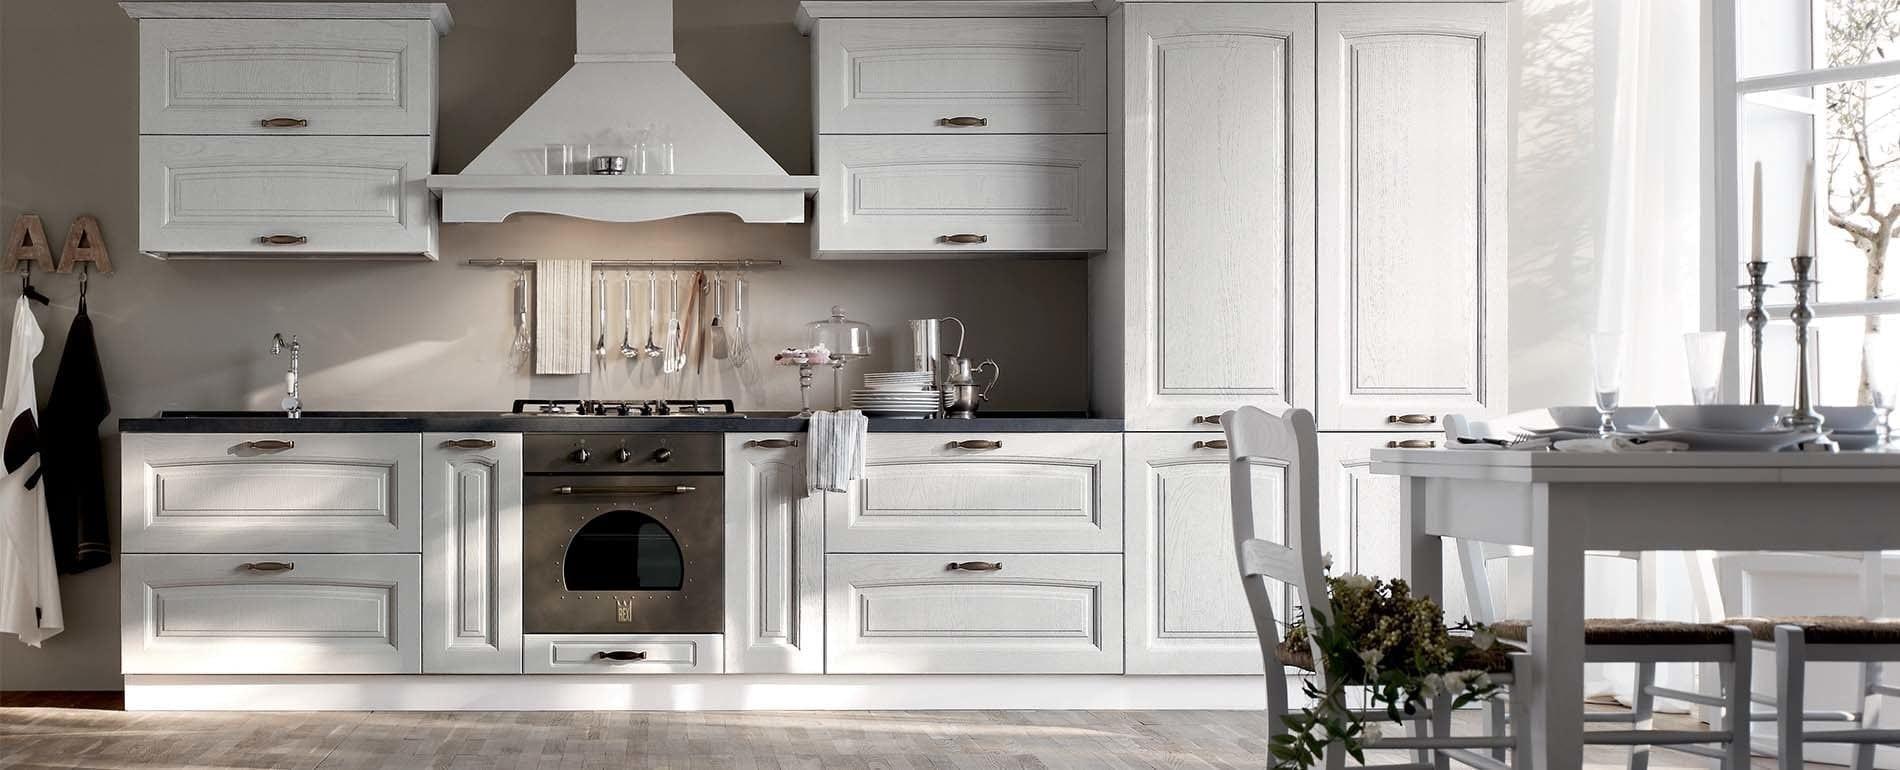 Pg arredamenti centro cucine lucca e firenze for Cucine classiche